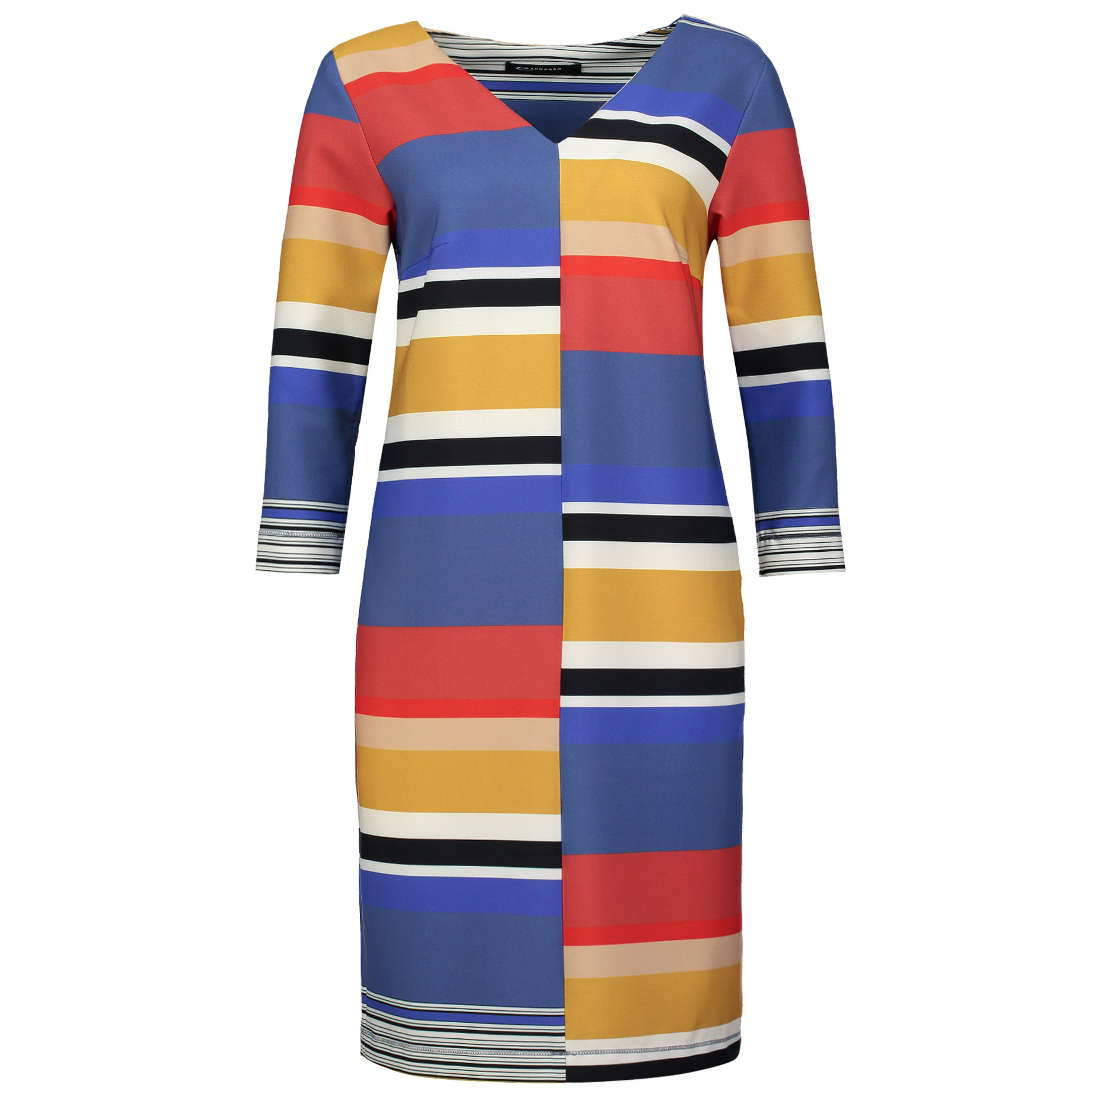 Expresso jurk 181delma in het Inkt